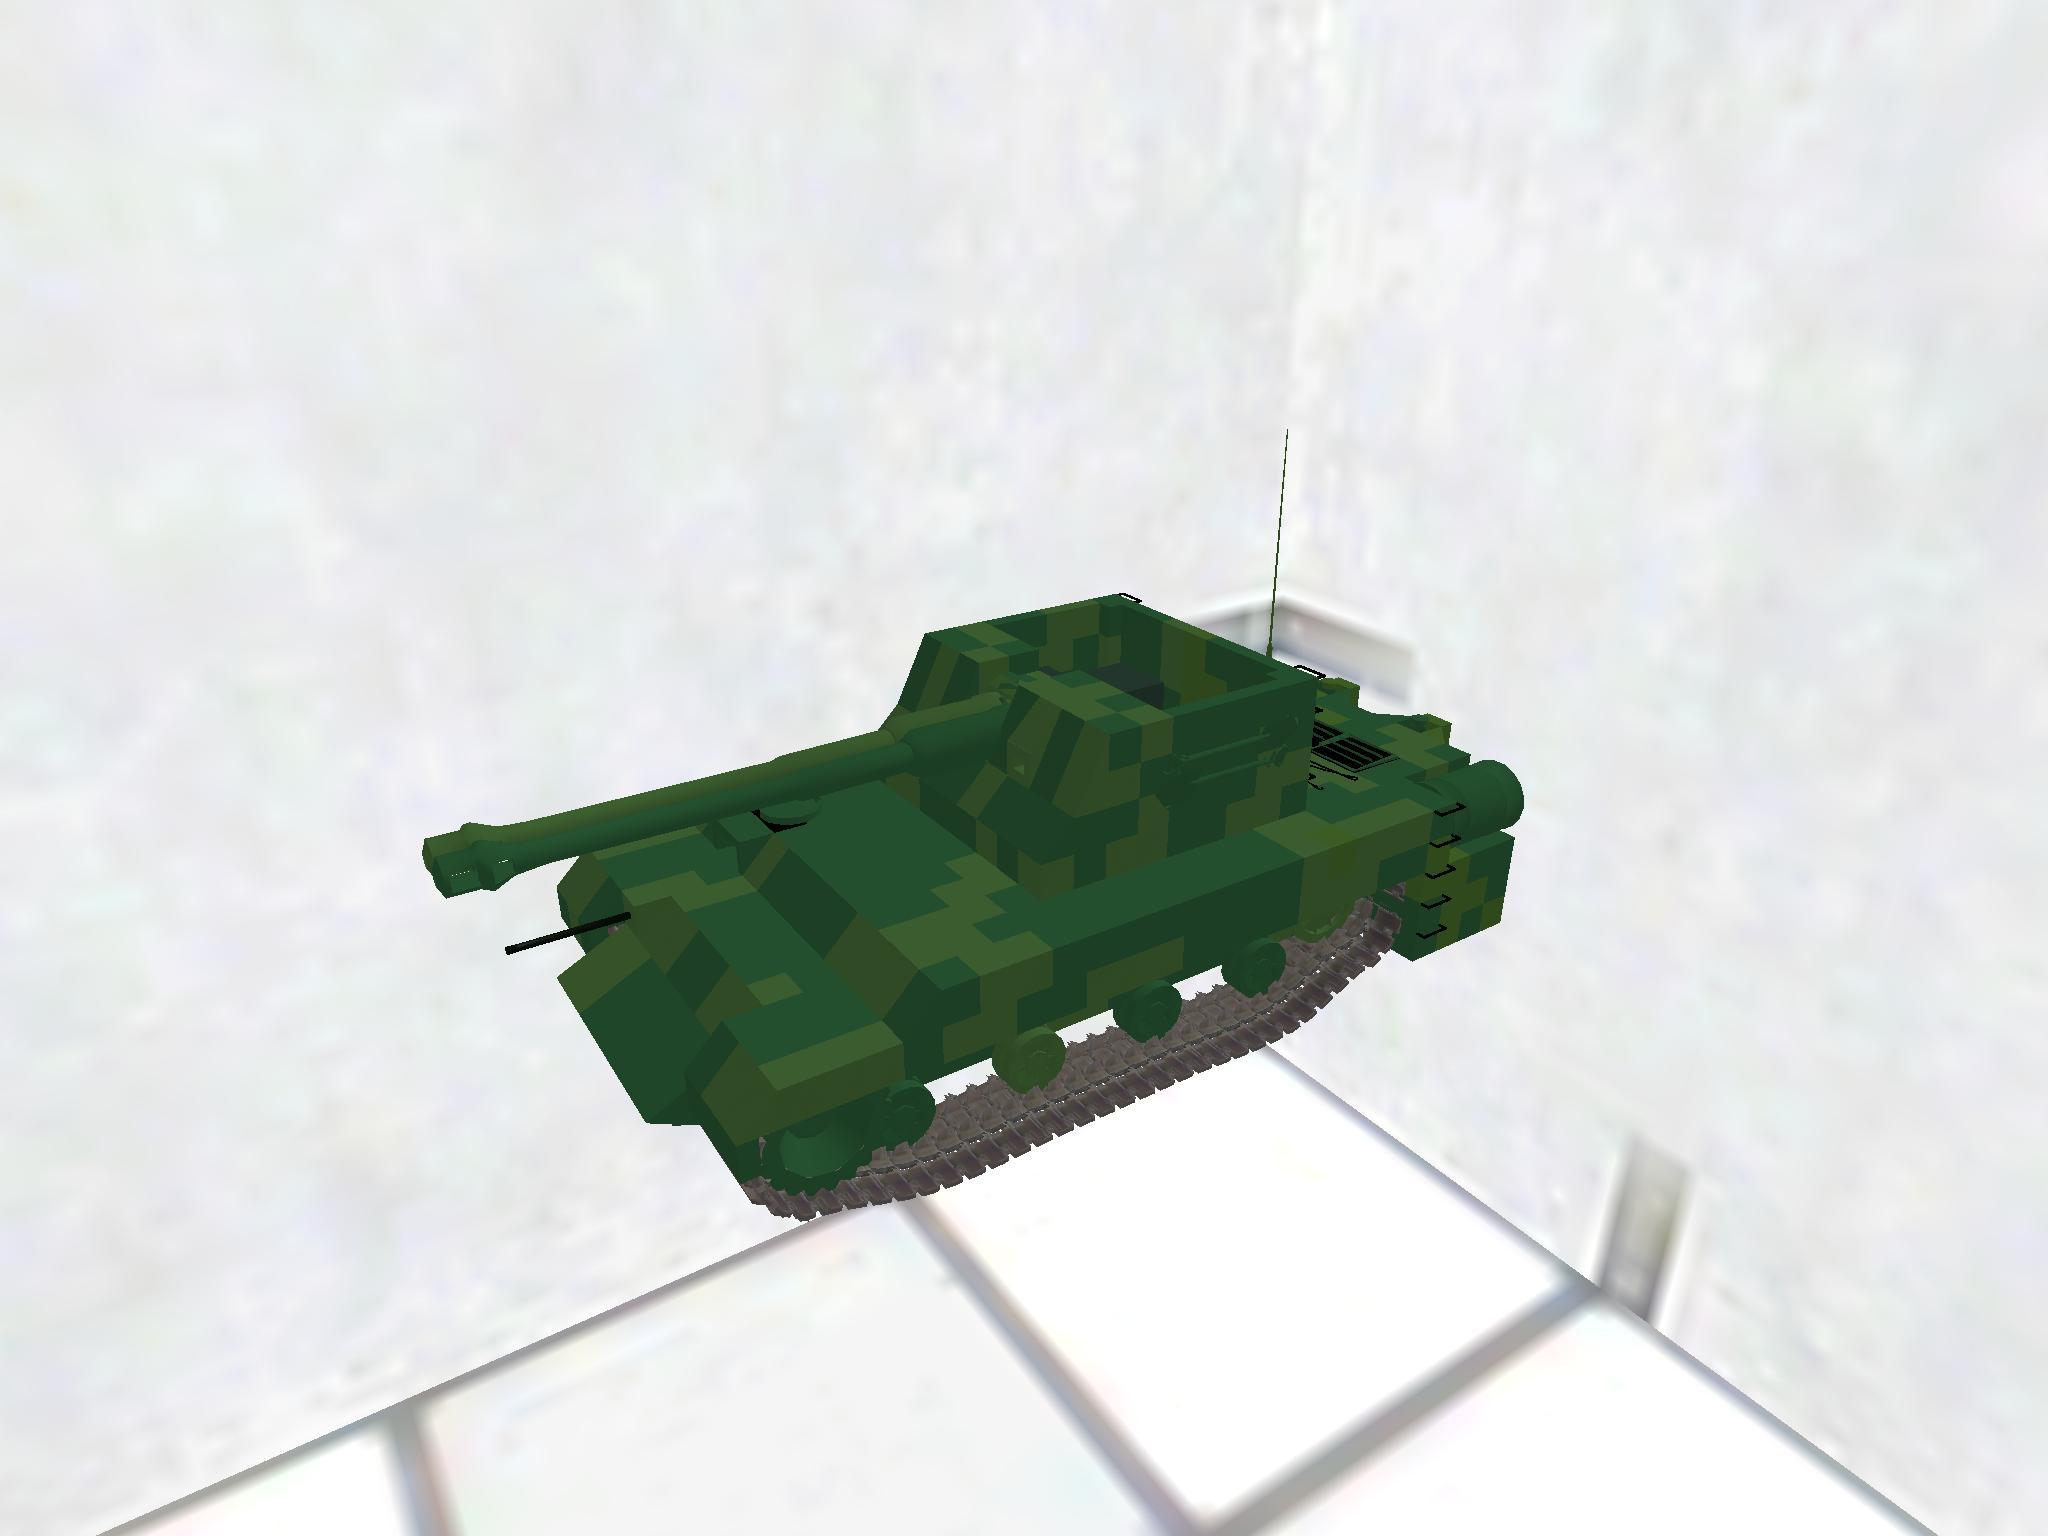 試製零号自走対空砲12型